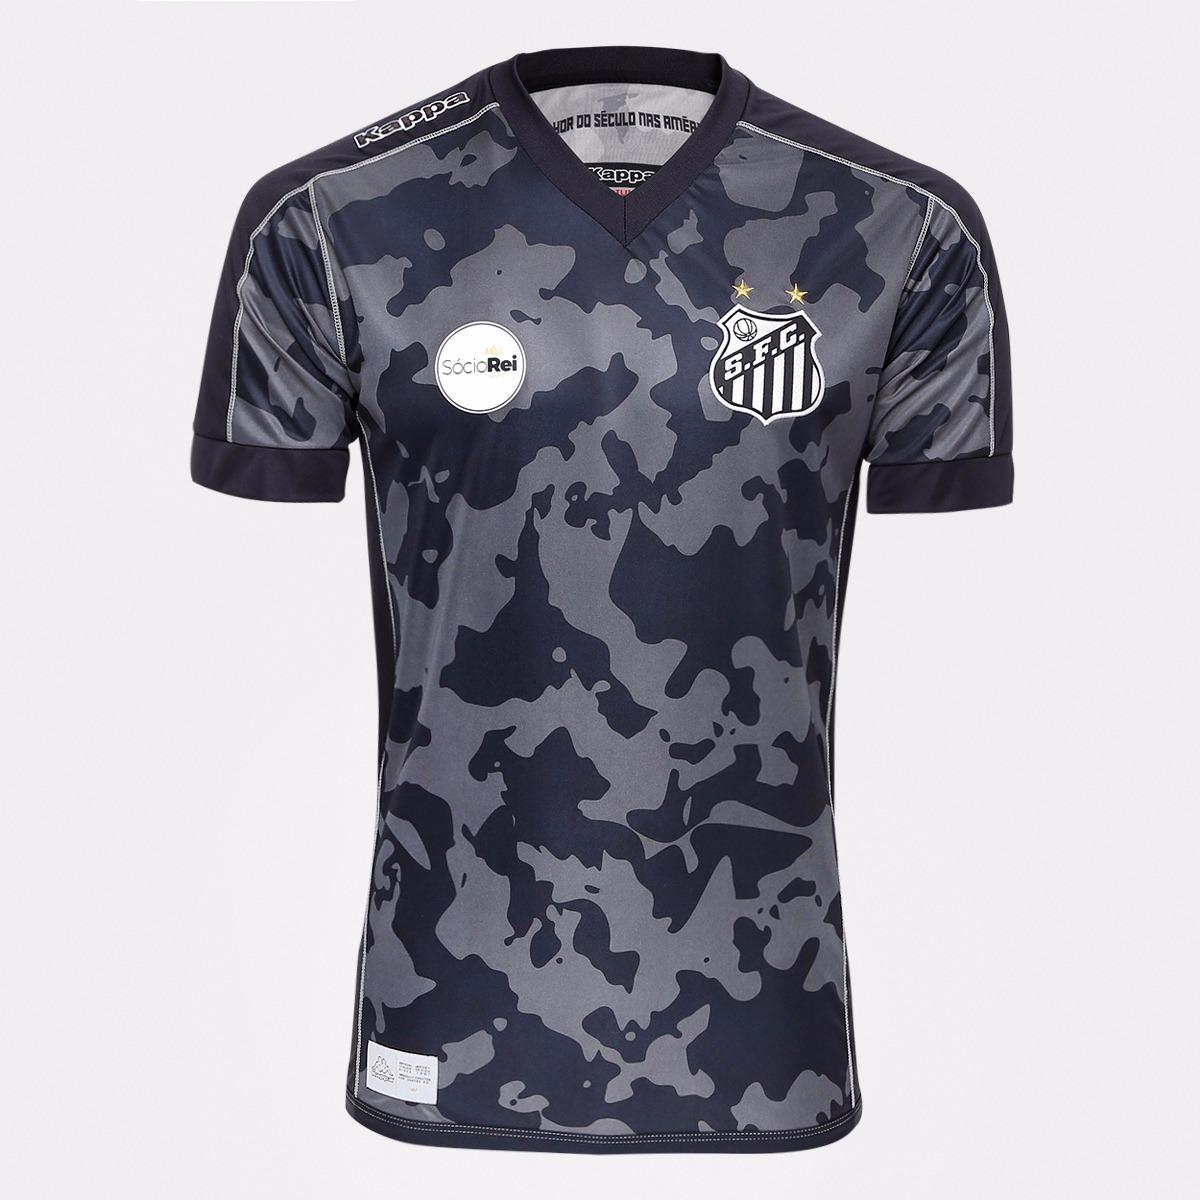 b9a2e7adfca0f camisa santos original kappa uniforme ill 2017   2018. Carregando zoom.